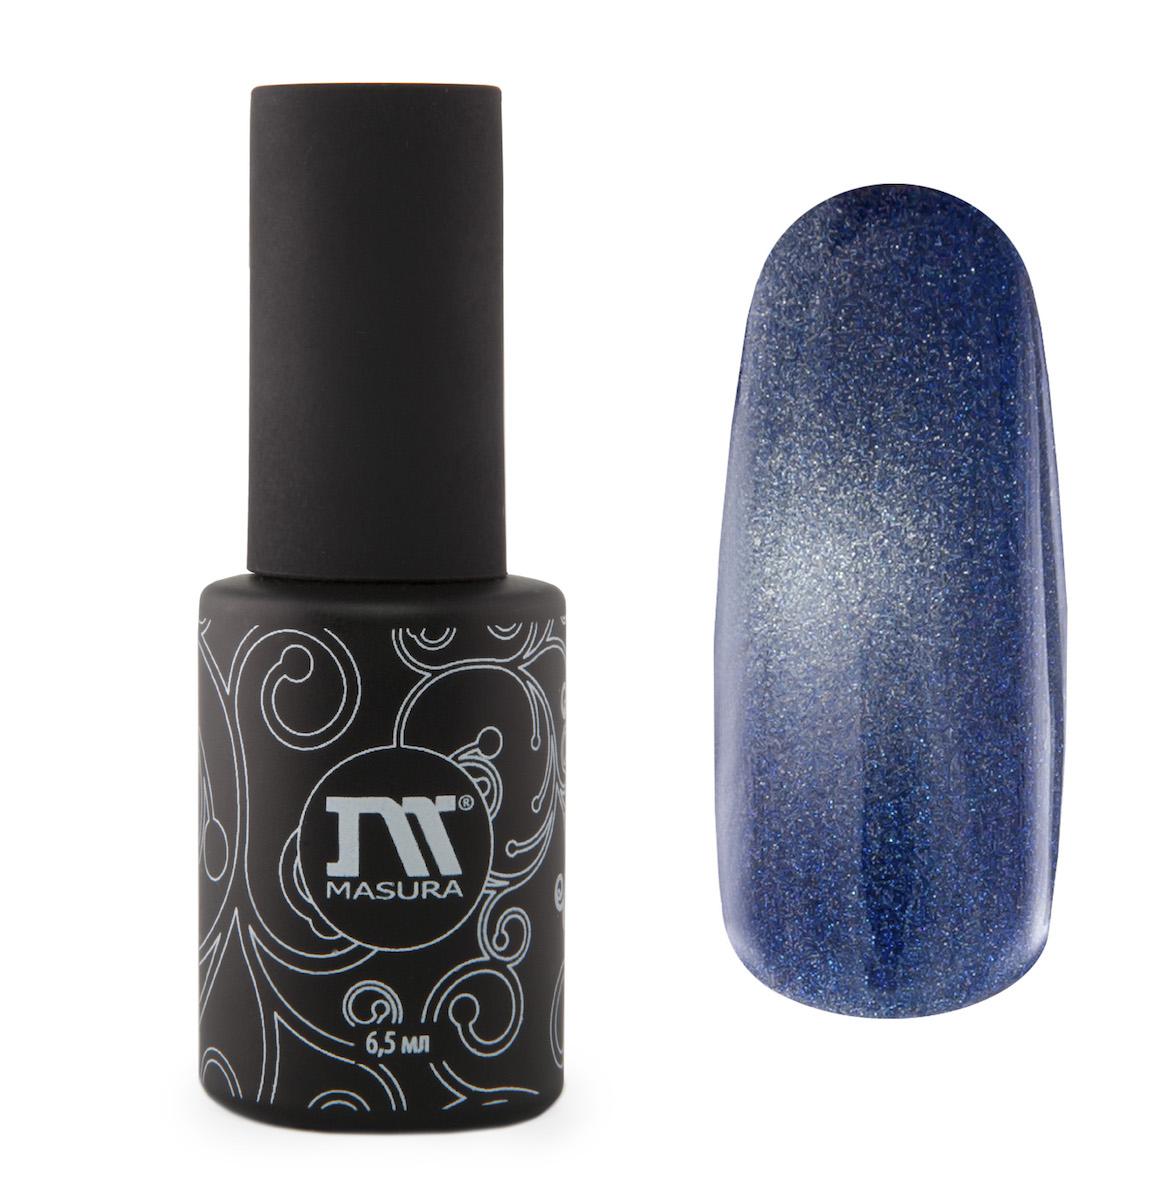 Masura Гель-лак Британский Сапфир, 6,5 мл294-79дымчато-синий, с зеркальным переливом, плотный